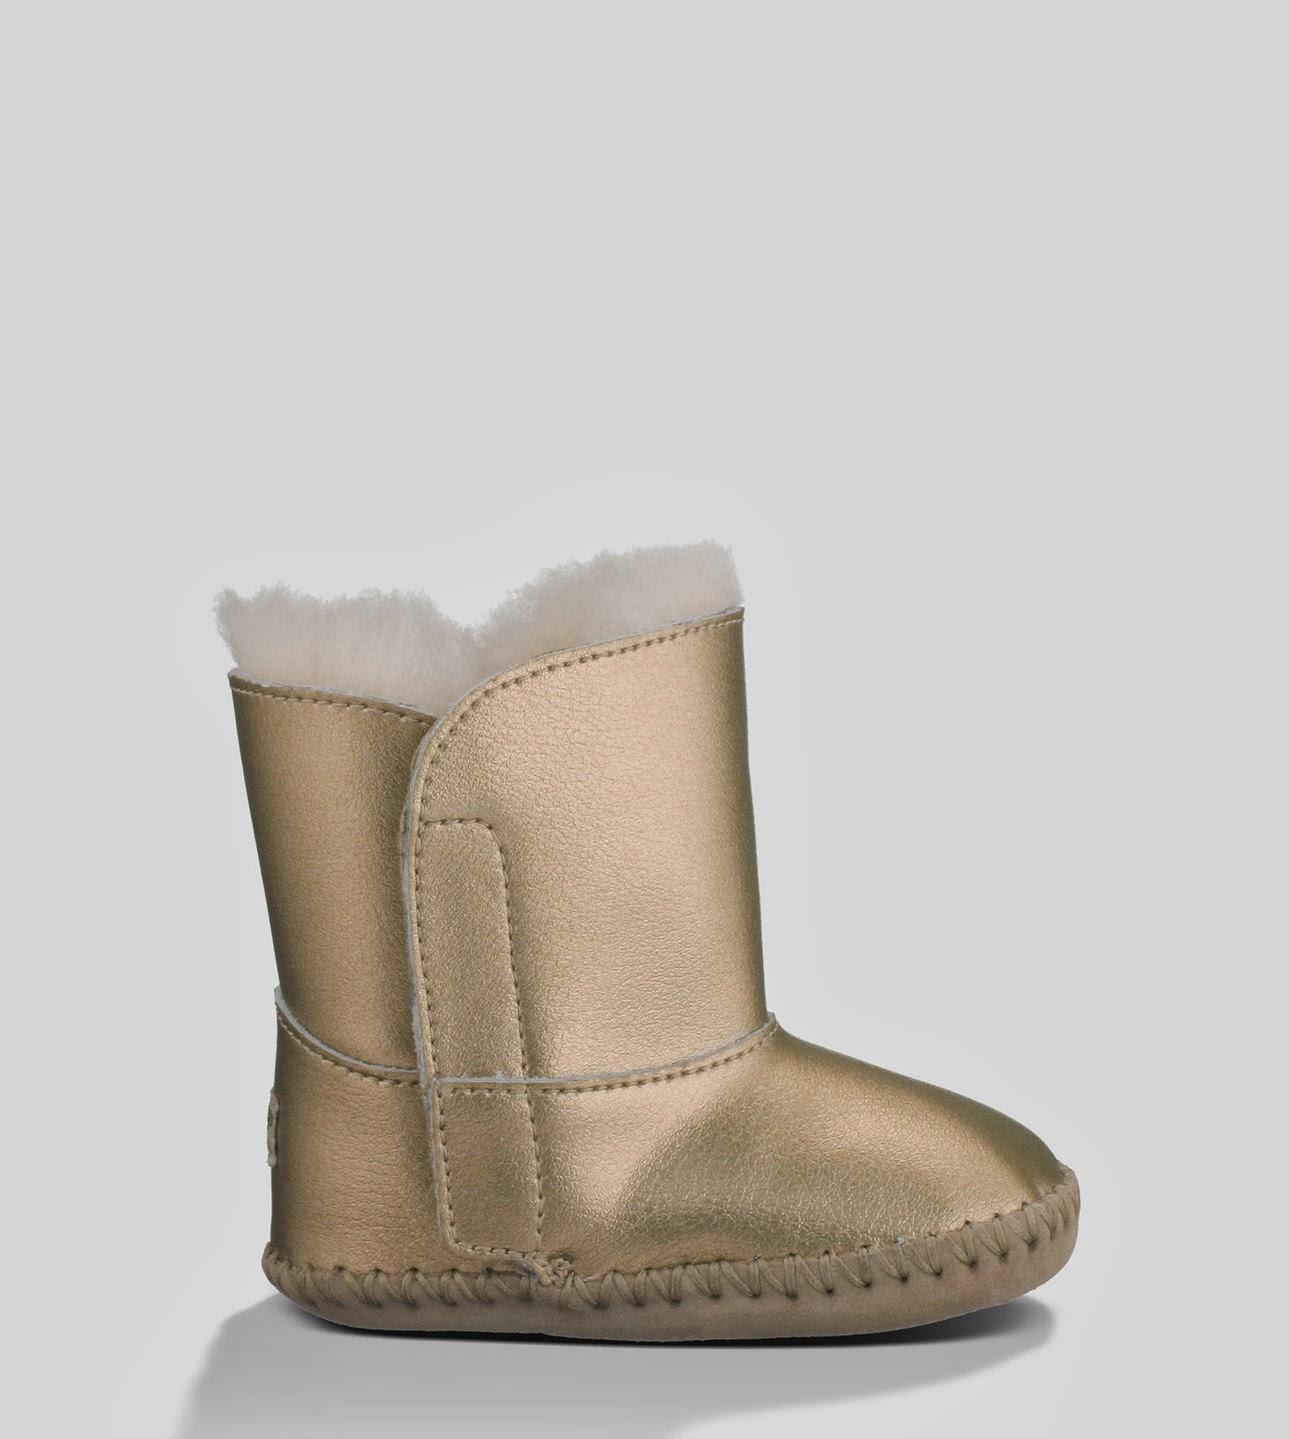 china made ugg boots